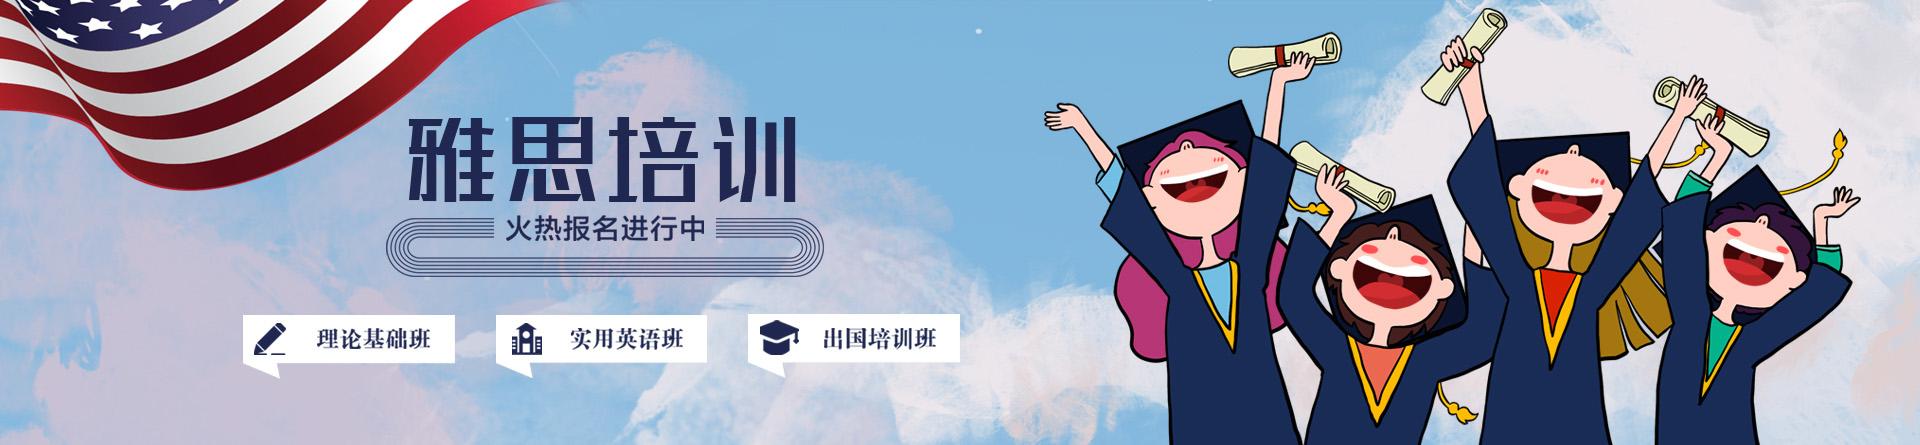 丽江新航道英语培训